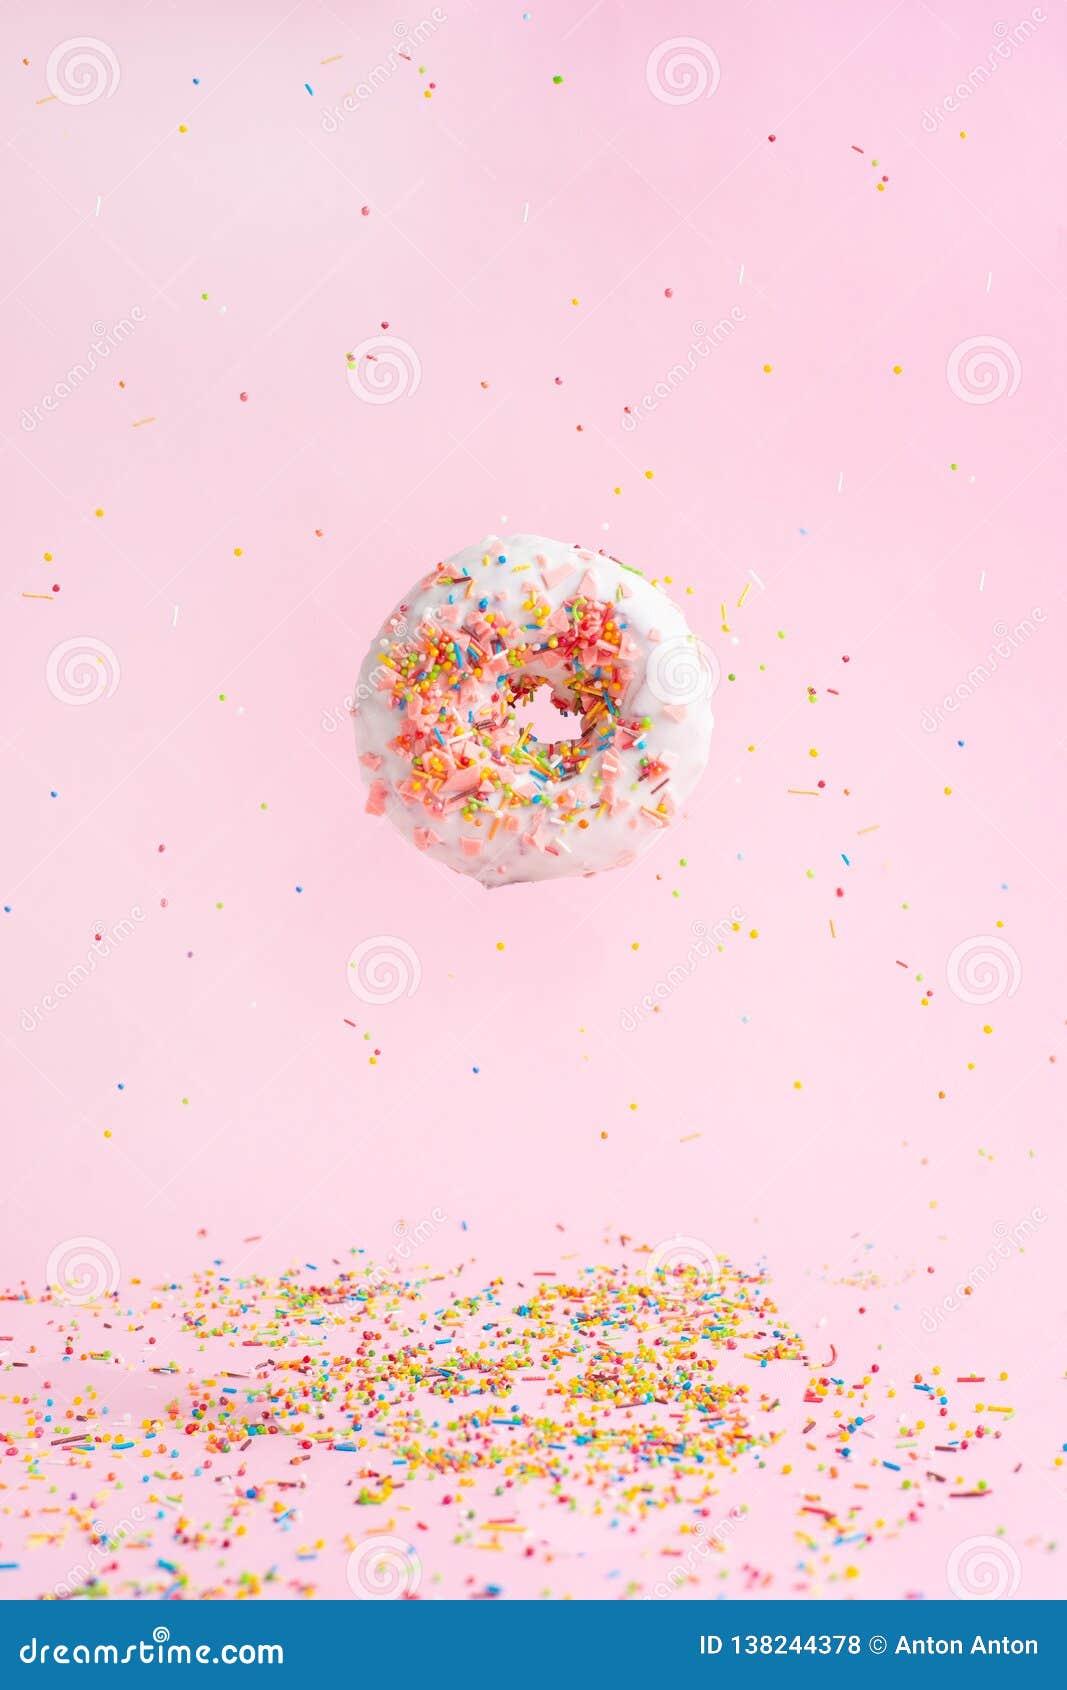 Ψεκάστε ρόδινο doughnut Πολύχρωμος ψεκάστε doughnut σε ένα ρόδινο υπόβαθρο Παγετός στον αέρα